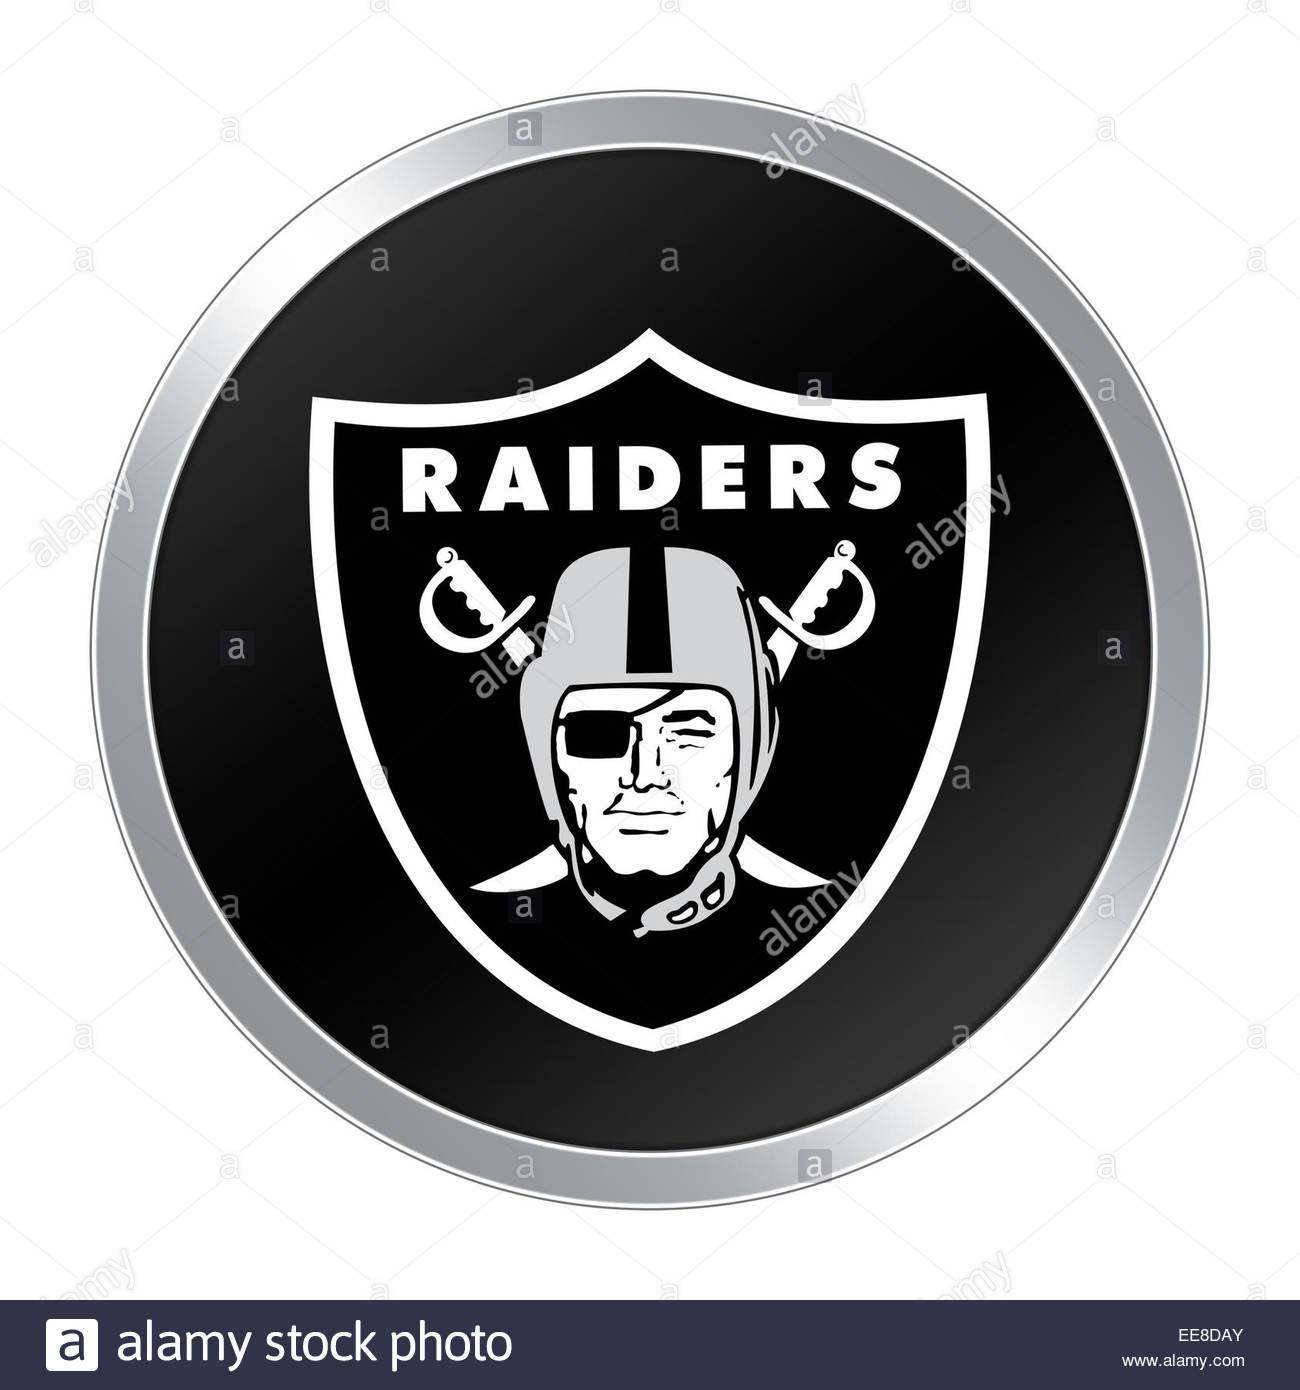 Oakland raiders logo icon button stock photo royalty free image oakland raiders logo icon button buycottarizona